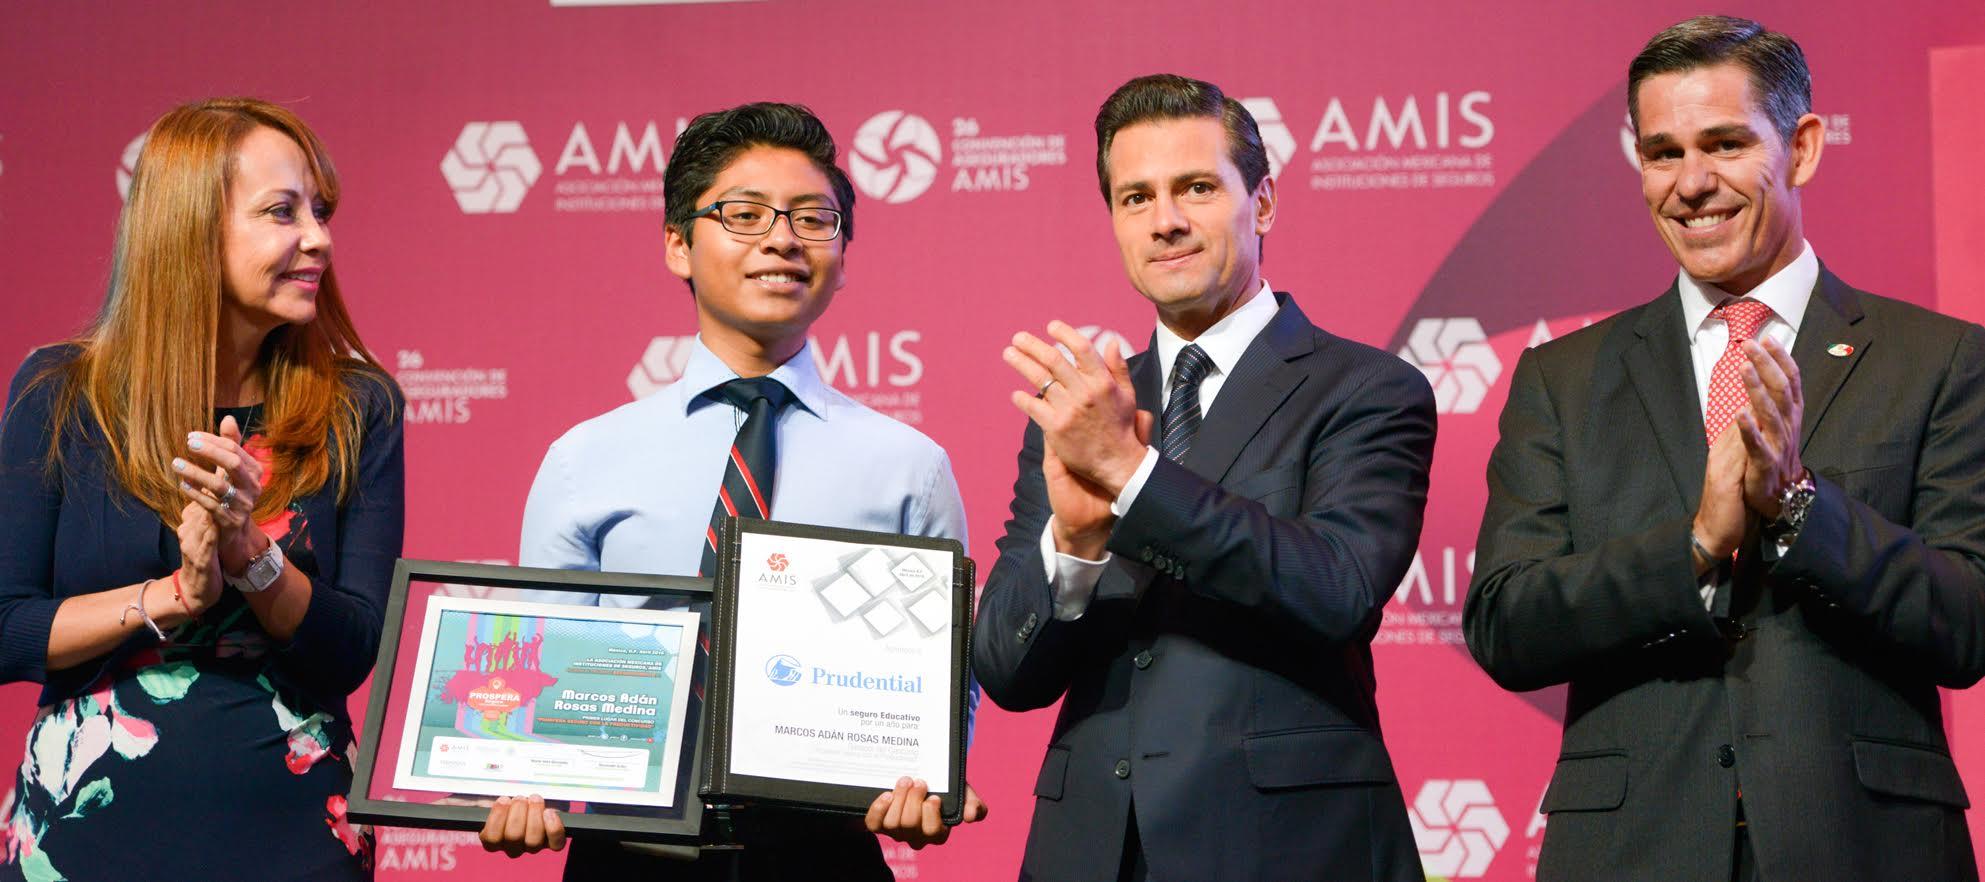 El Primer Mandatario hace entrega de reconocimientos a estudiantes participantes en concurso de aseguradoras.